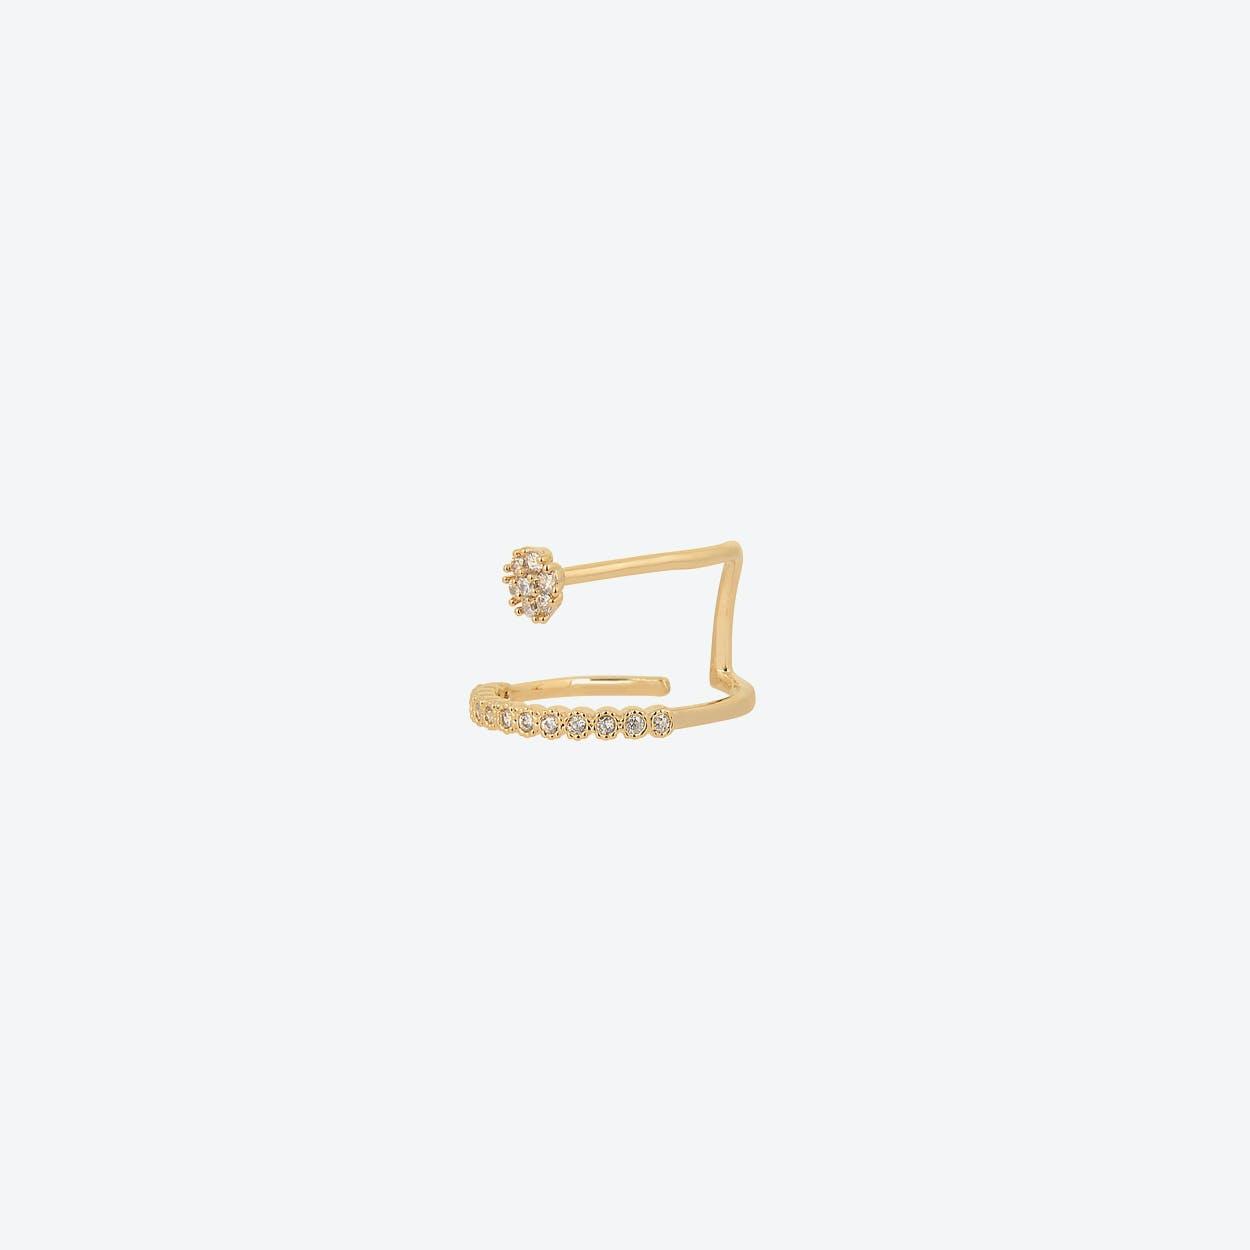 Gold Tiny Flower Aside Ring